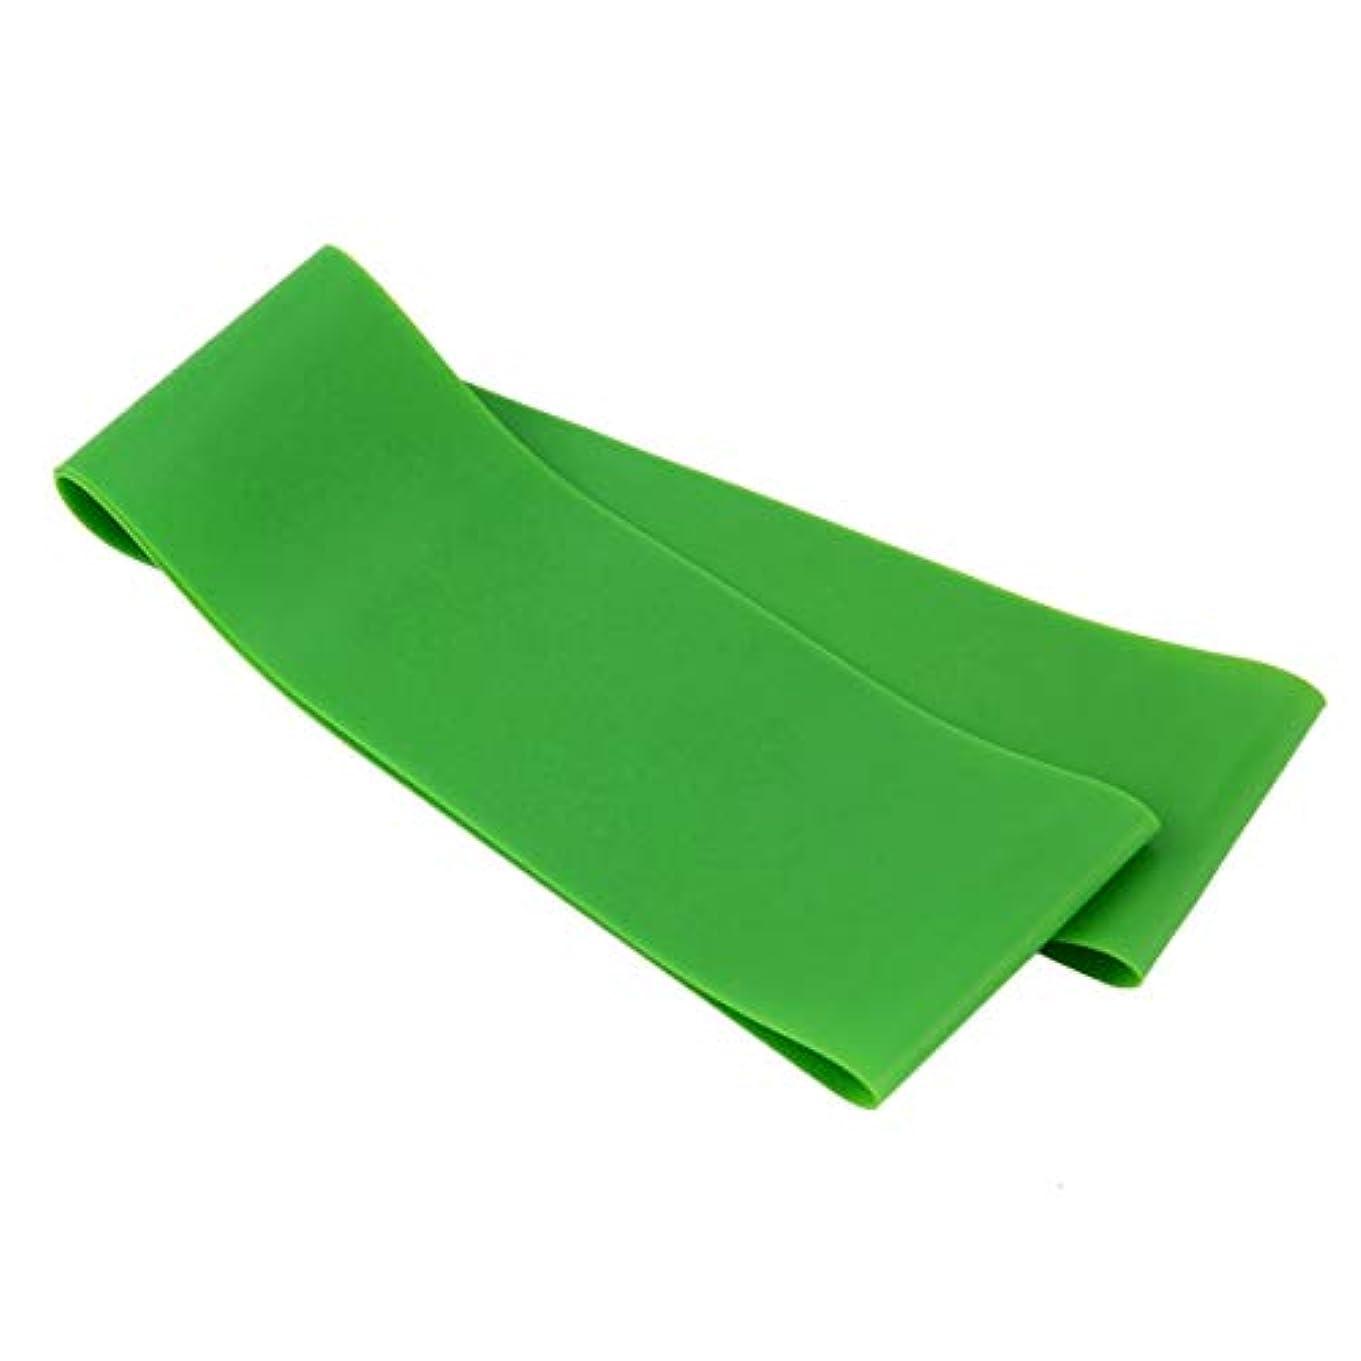 今啓示ホーン滑り止め伸縮性ゴム弾性ヨガベルトバンドプルロープ張力抵抗バンドループ強度のためのフィットネスヨガツール - グリーン